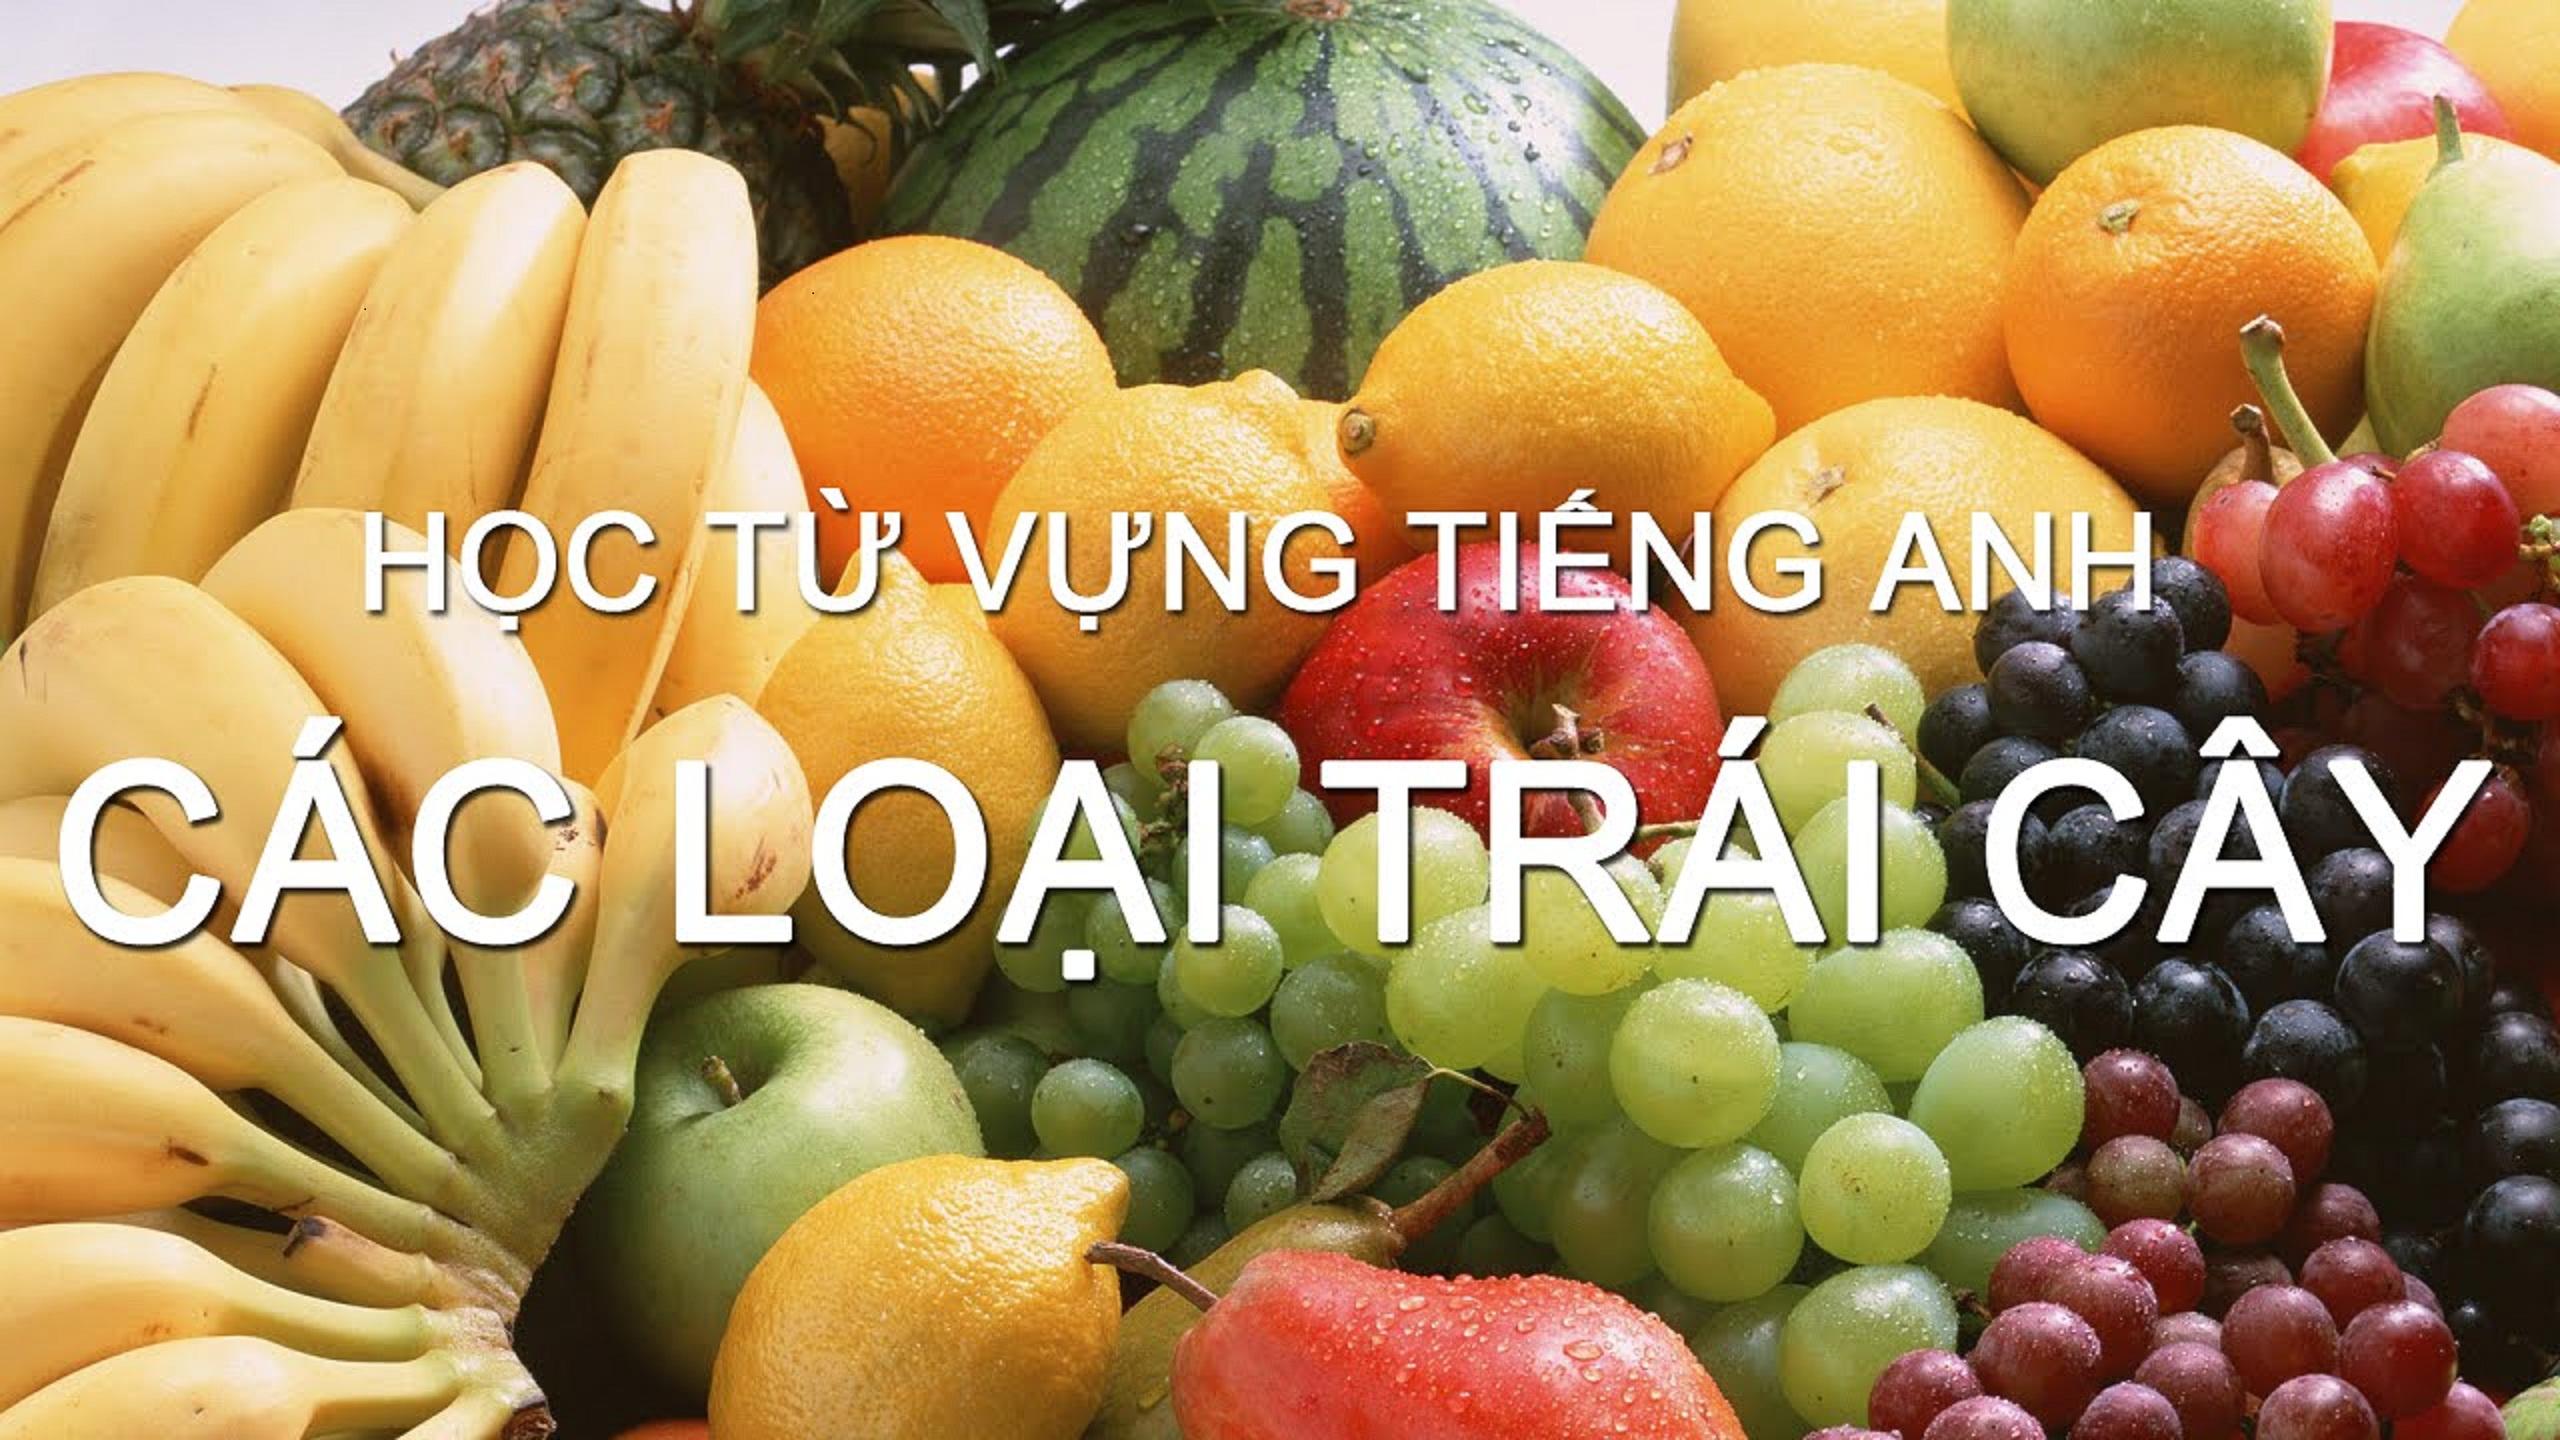 Ví dụ như ta có thể học từ vựng tiếng anh lớp 9 theo chủ đề các loại trái cây